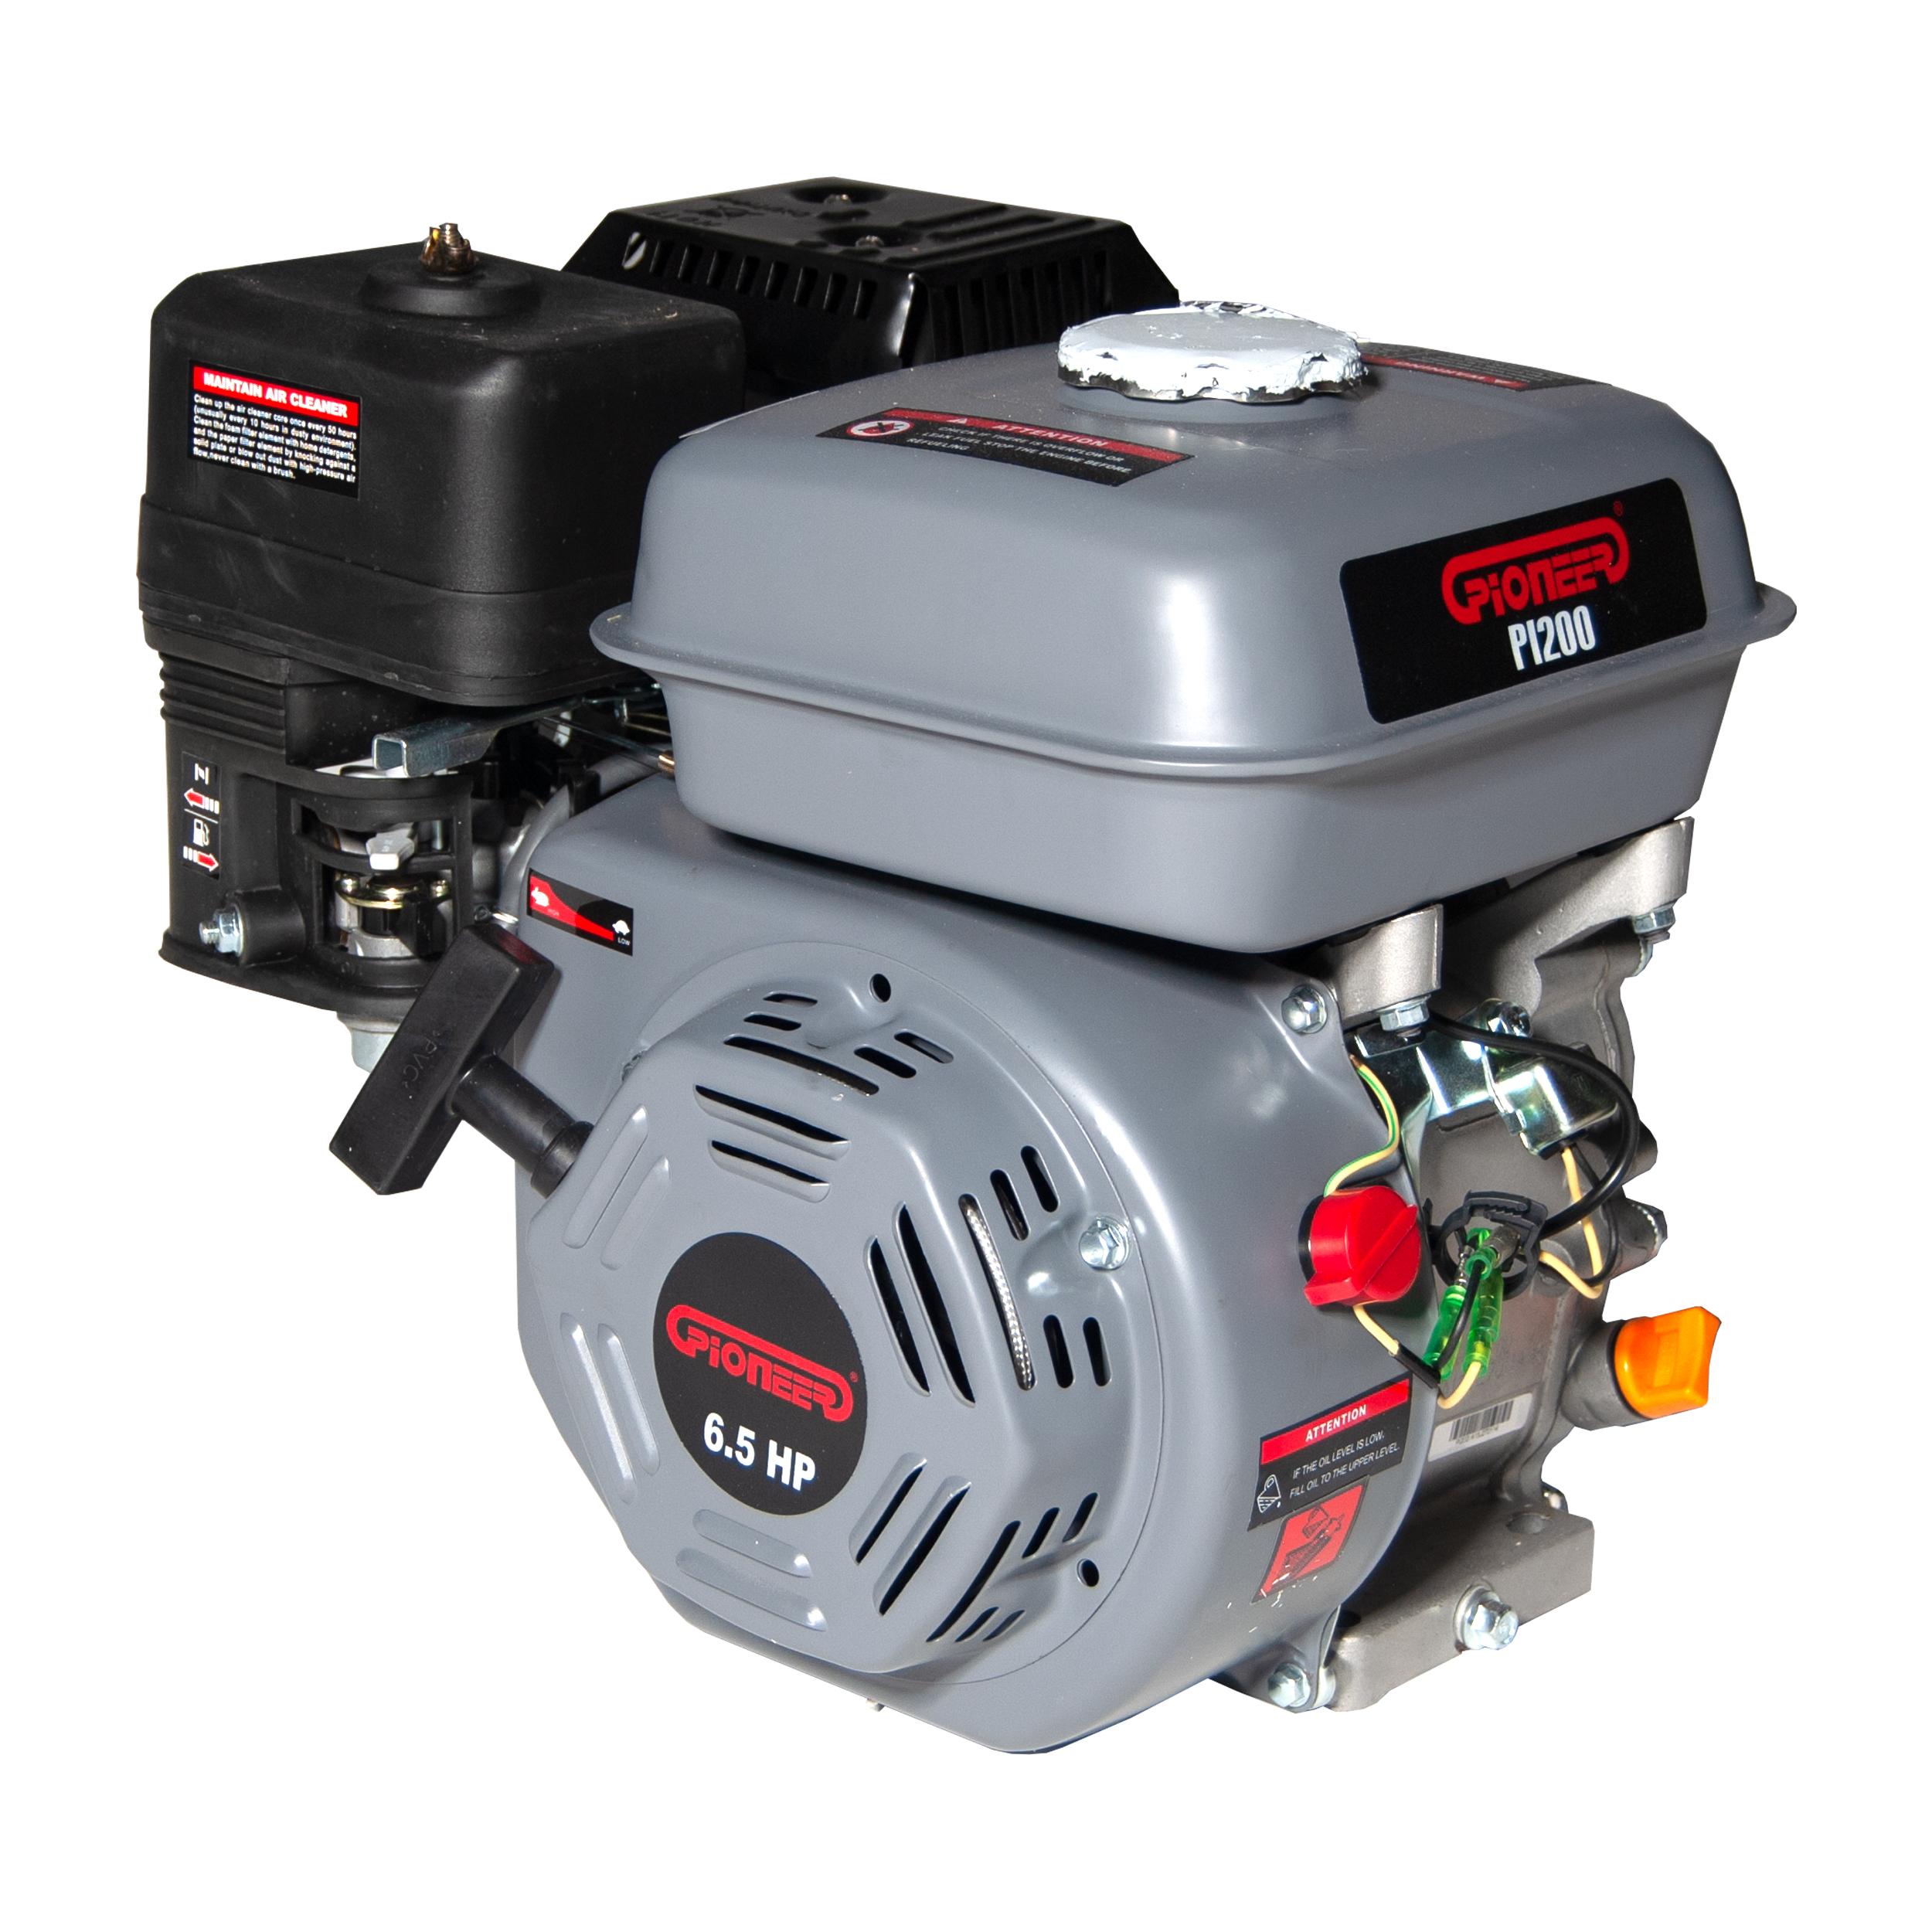 موتور برق پایونیر مدل PI200